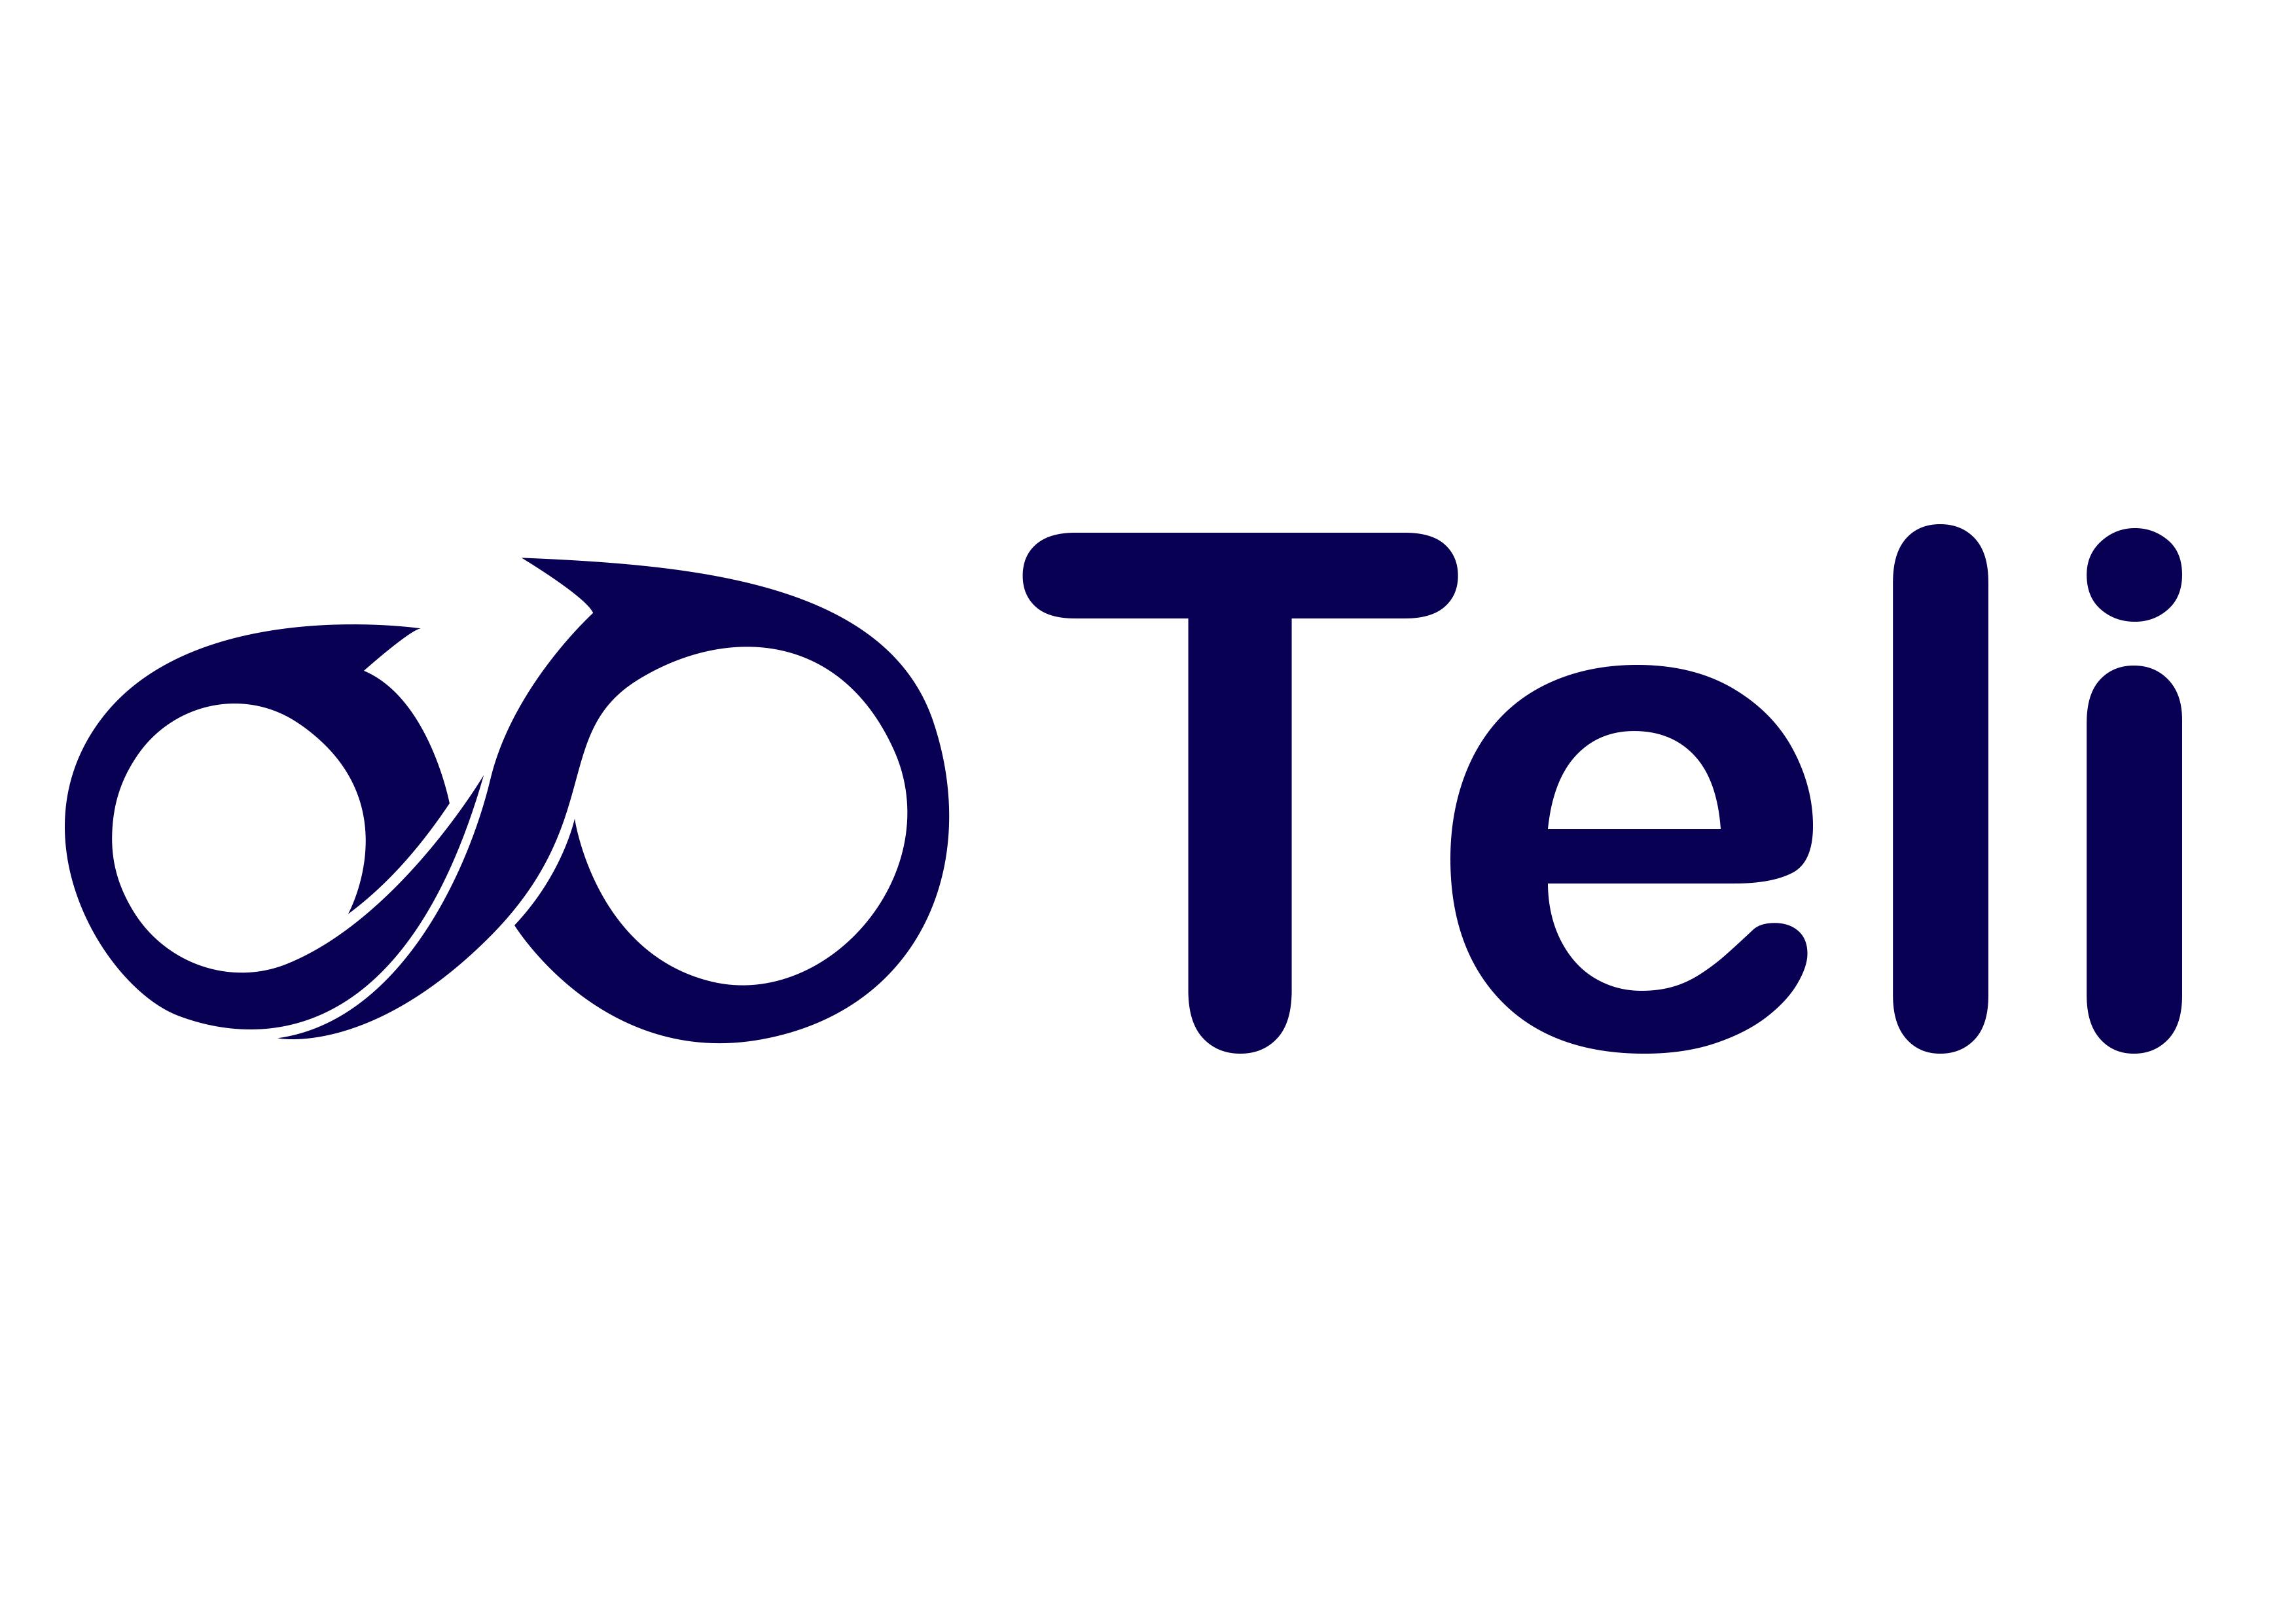 Разработка логотипа и фирменного стиля фото f_181590619ee1bfac.jpg